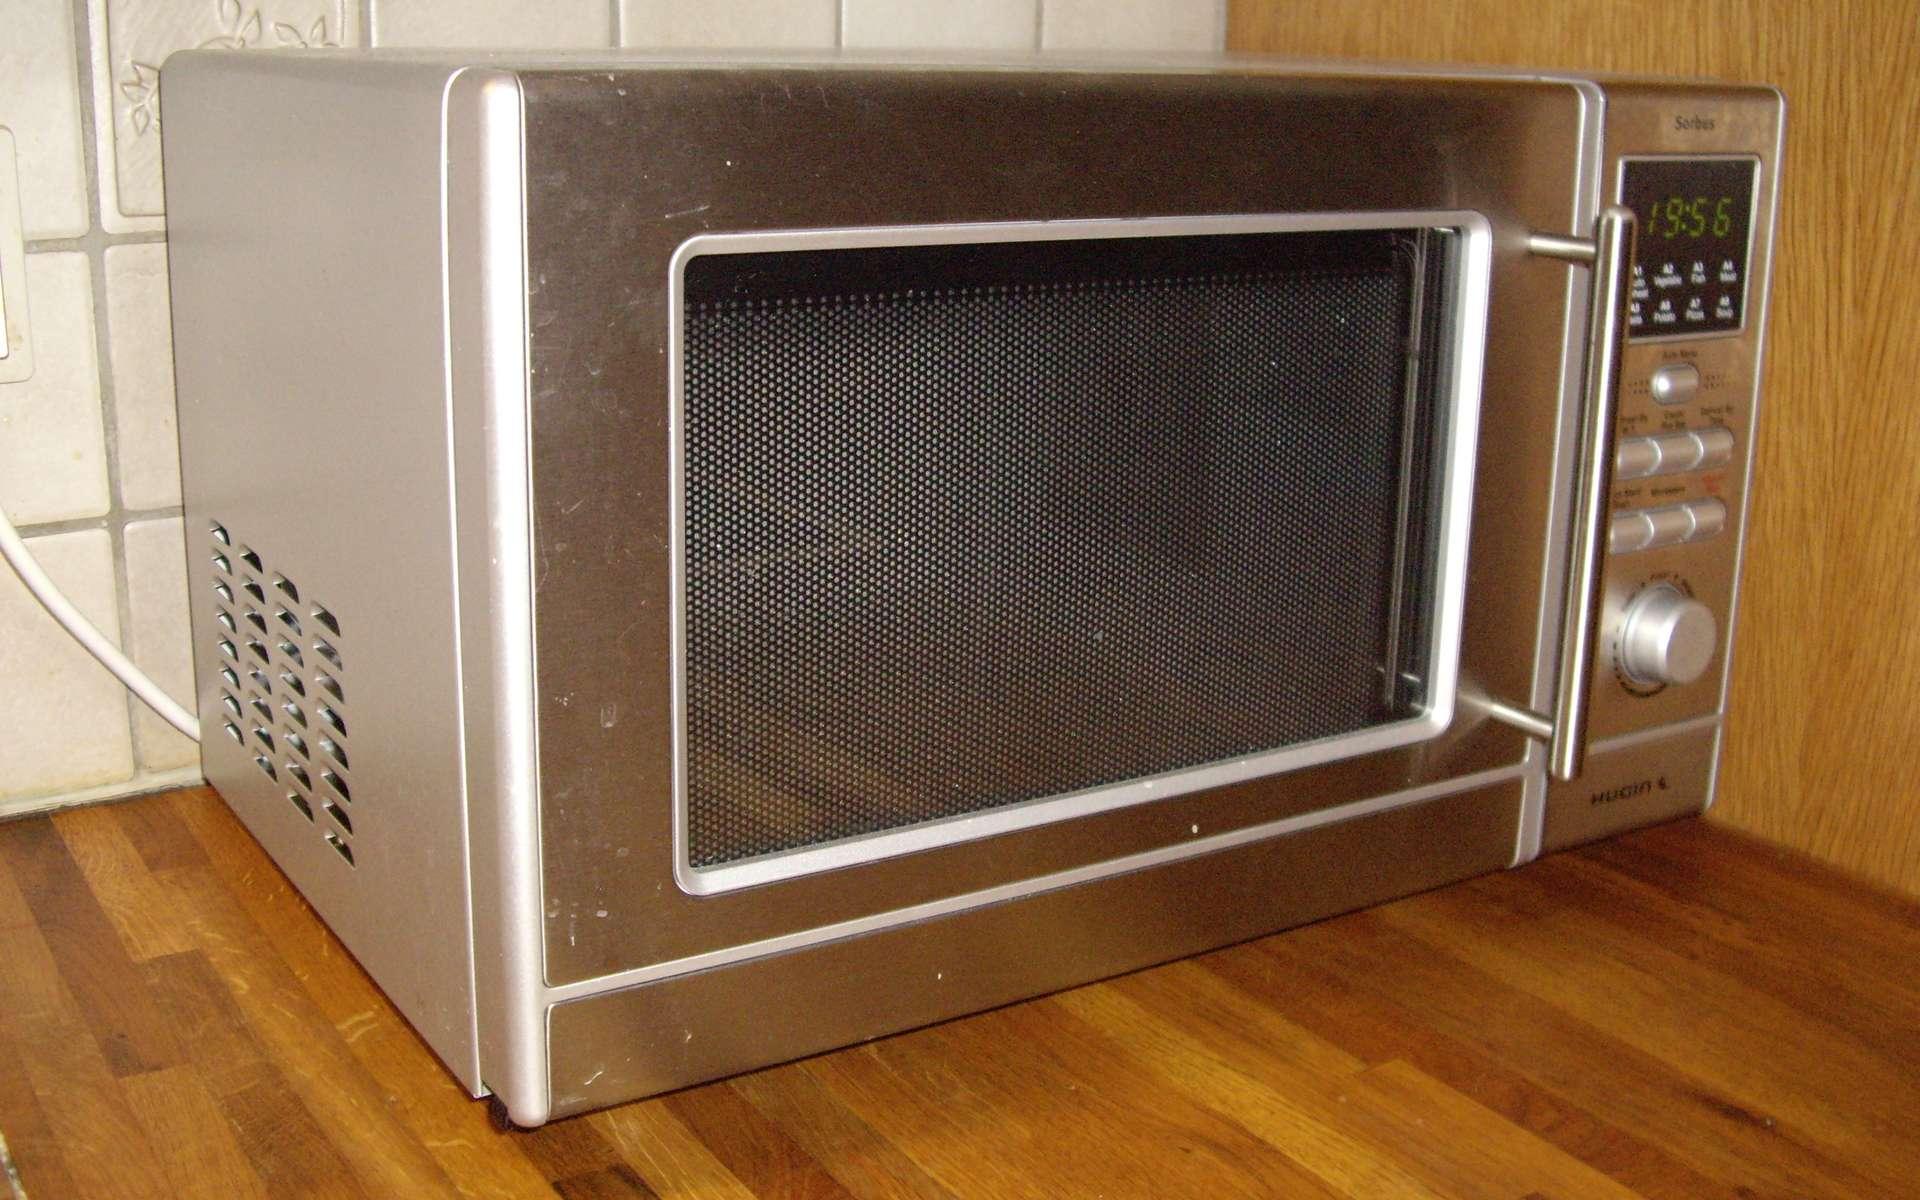 Le four à micro-ondes révolutionne la façon de cuisiner. Il est aussi utilisé dans les laboratoires de chimie pour sa capacité à activer ions et molécules. © Christian Rasmussen, CC BY-SA 3.0, Wikimédia Commons